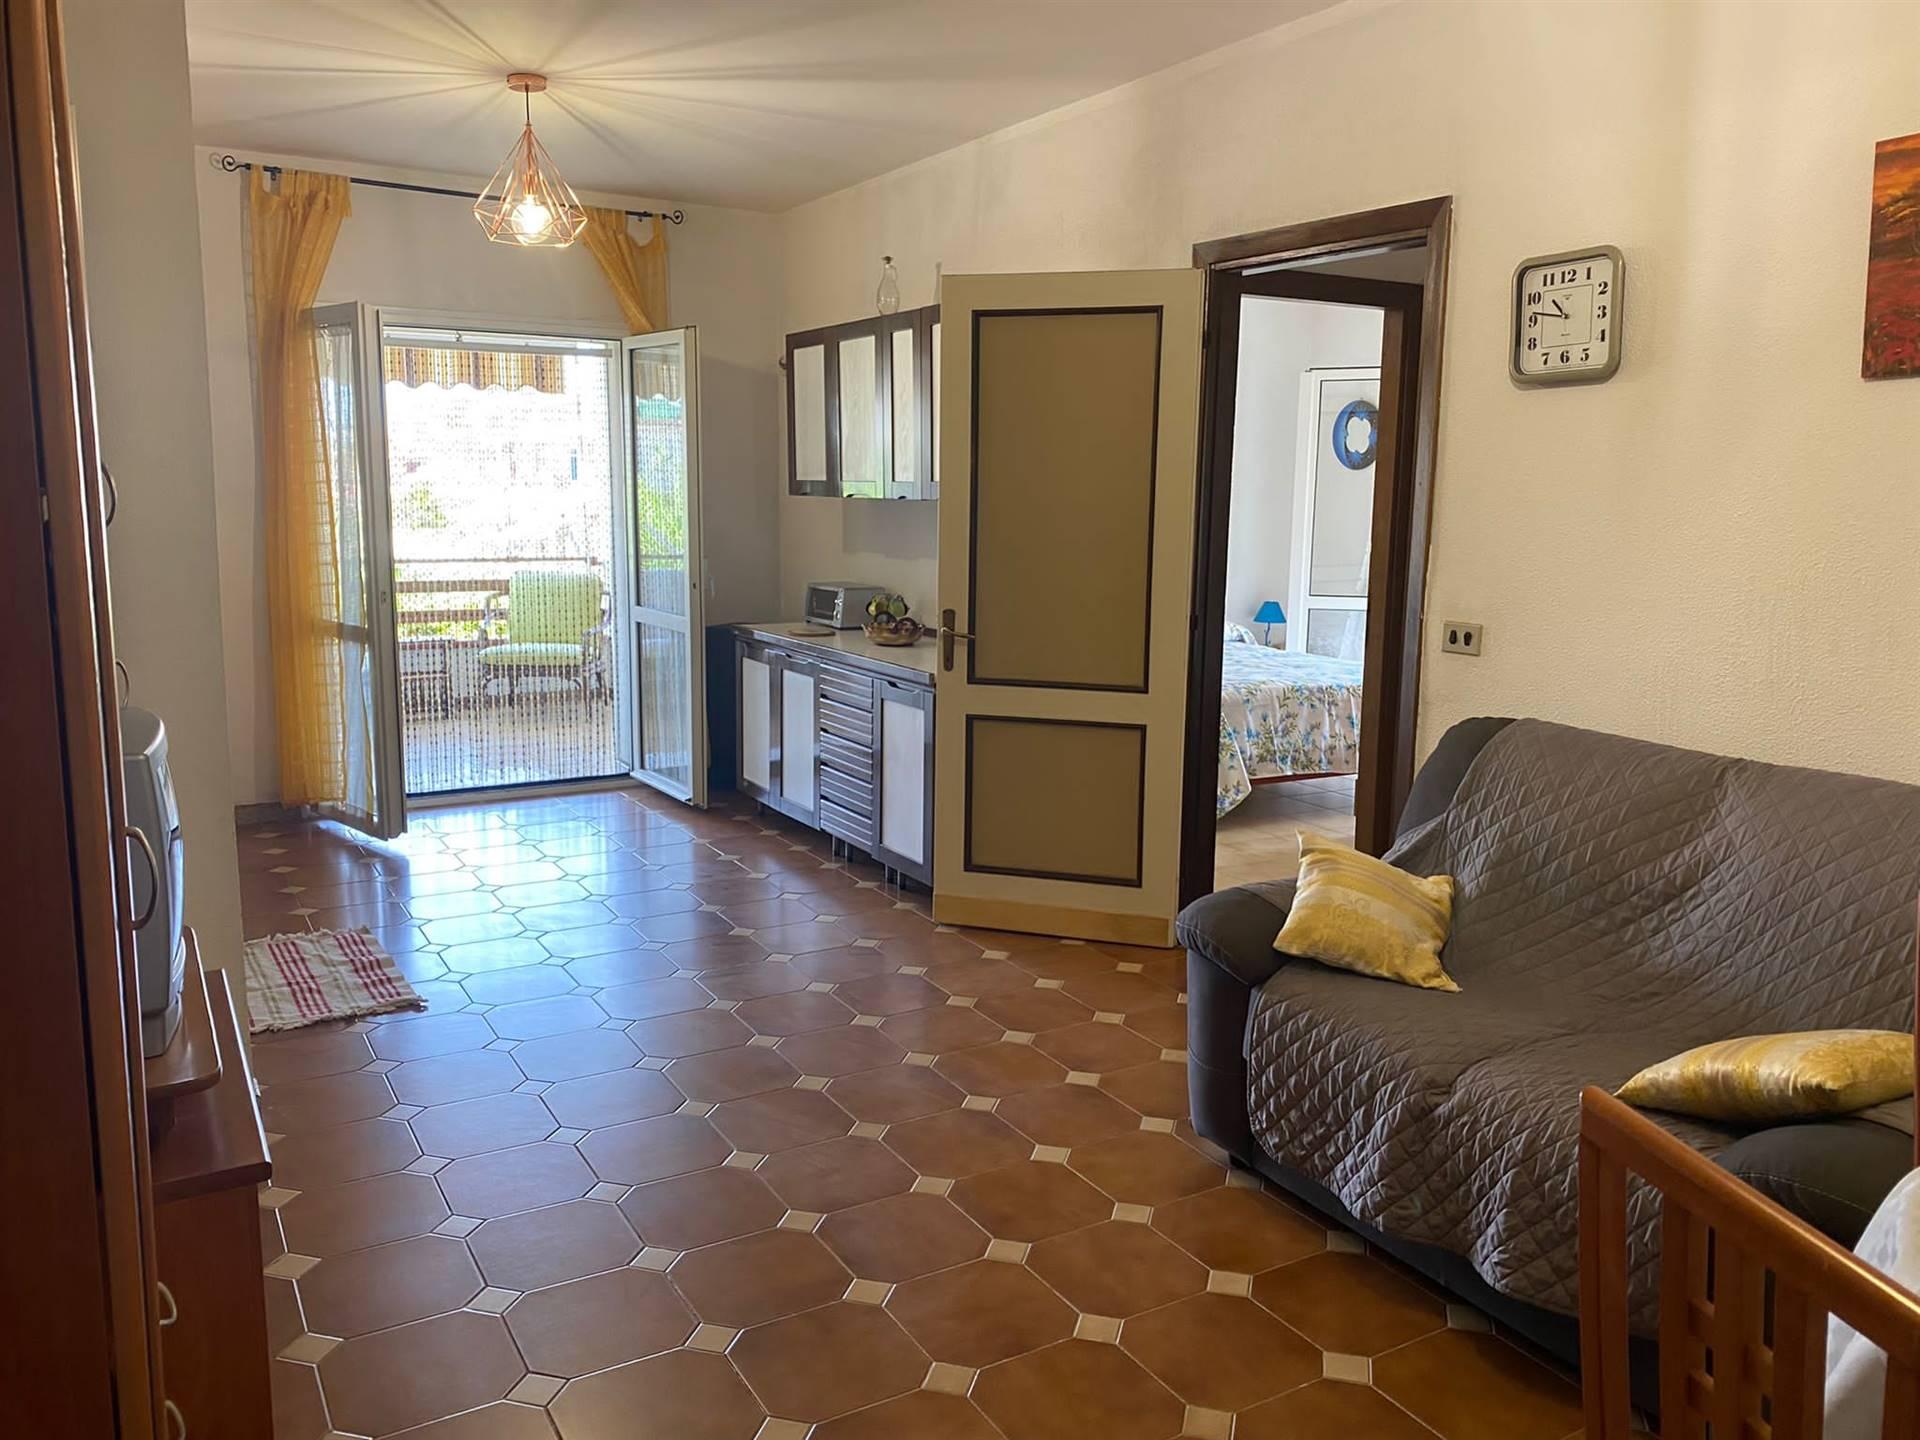 Appartamento in vendita a Cellole, 4 locali, zona Felice, prezzo € 65.000   PortaleAgenzieImmobiliari.it